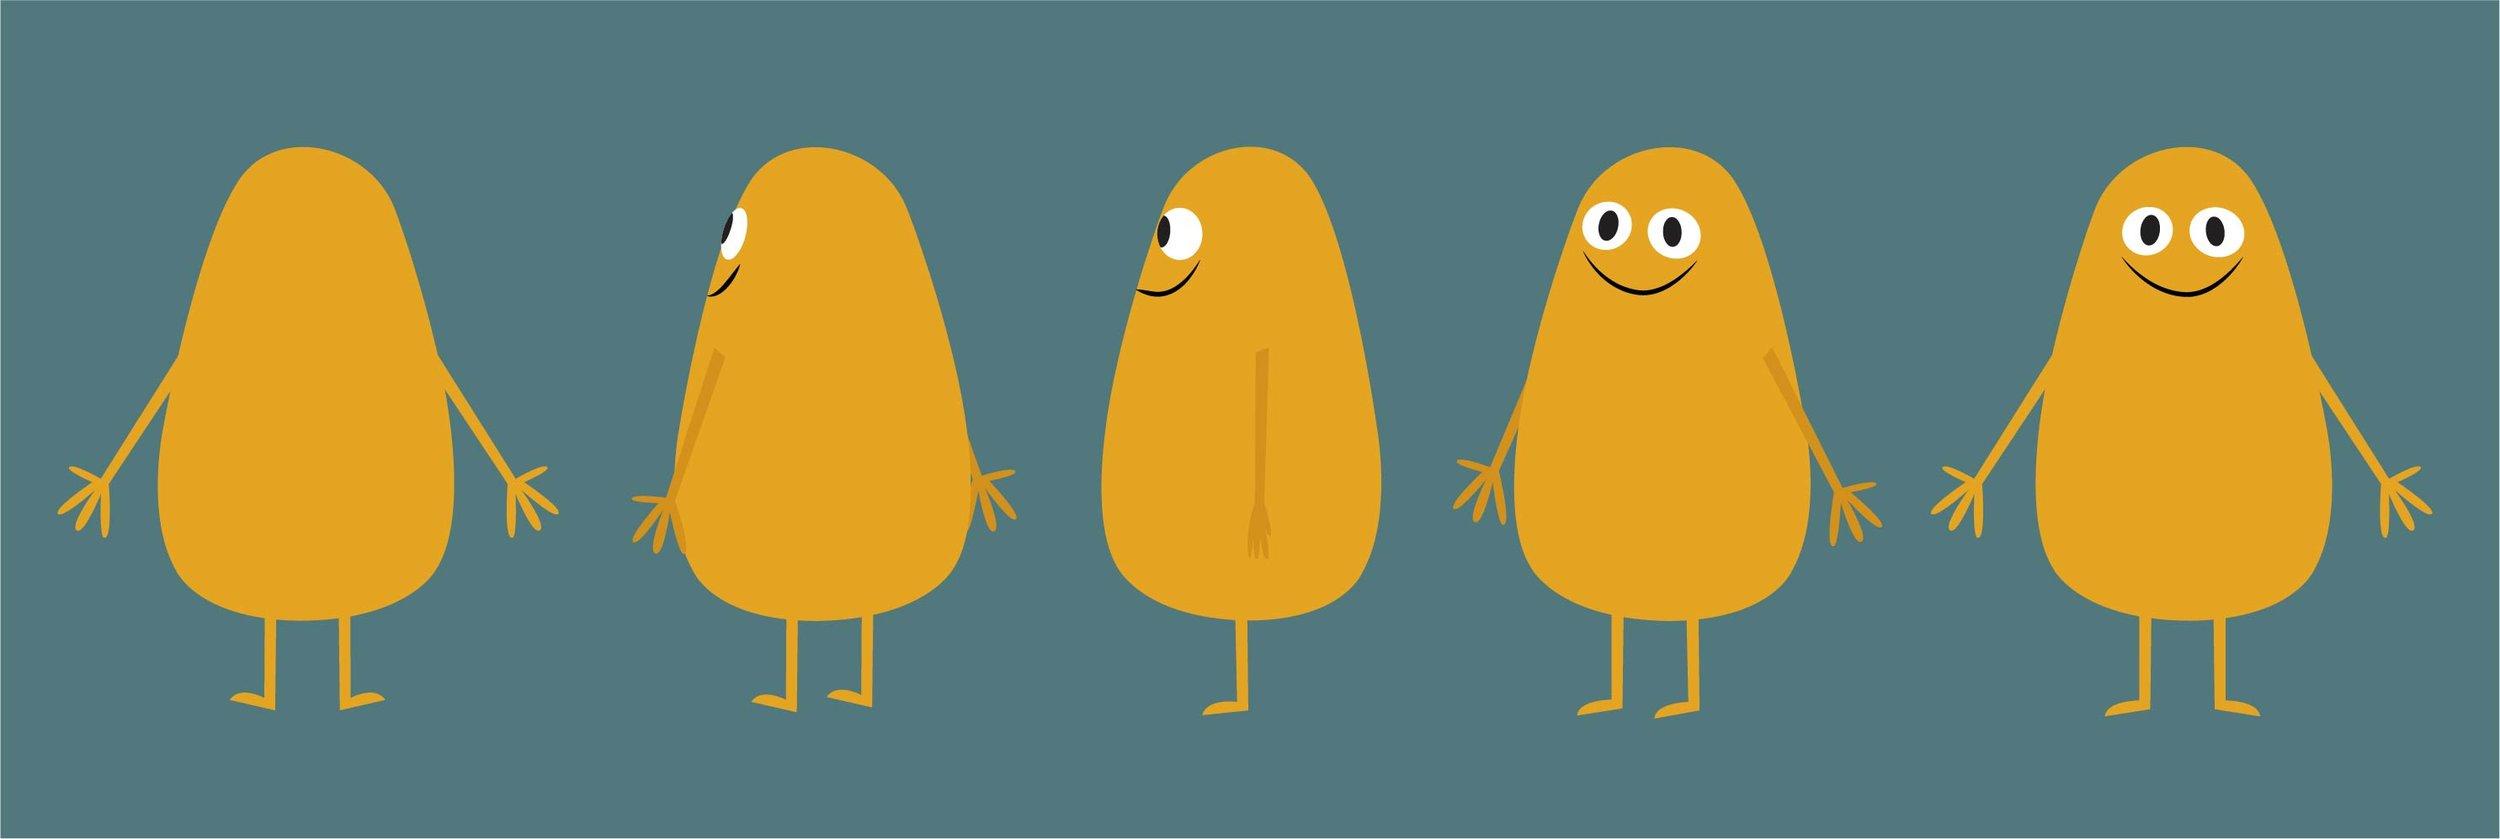 Bean Man Character Test